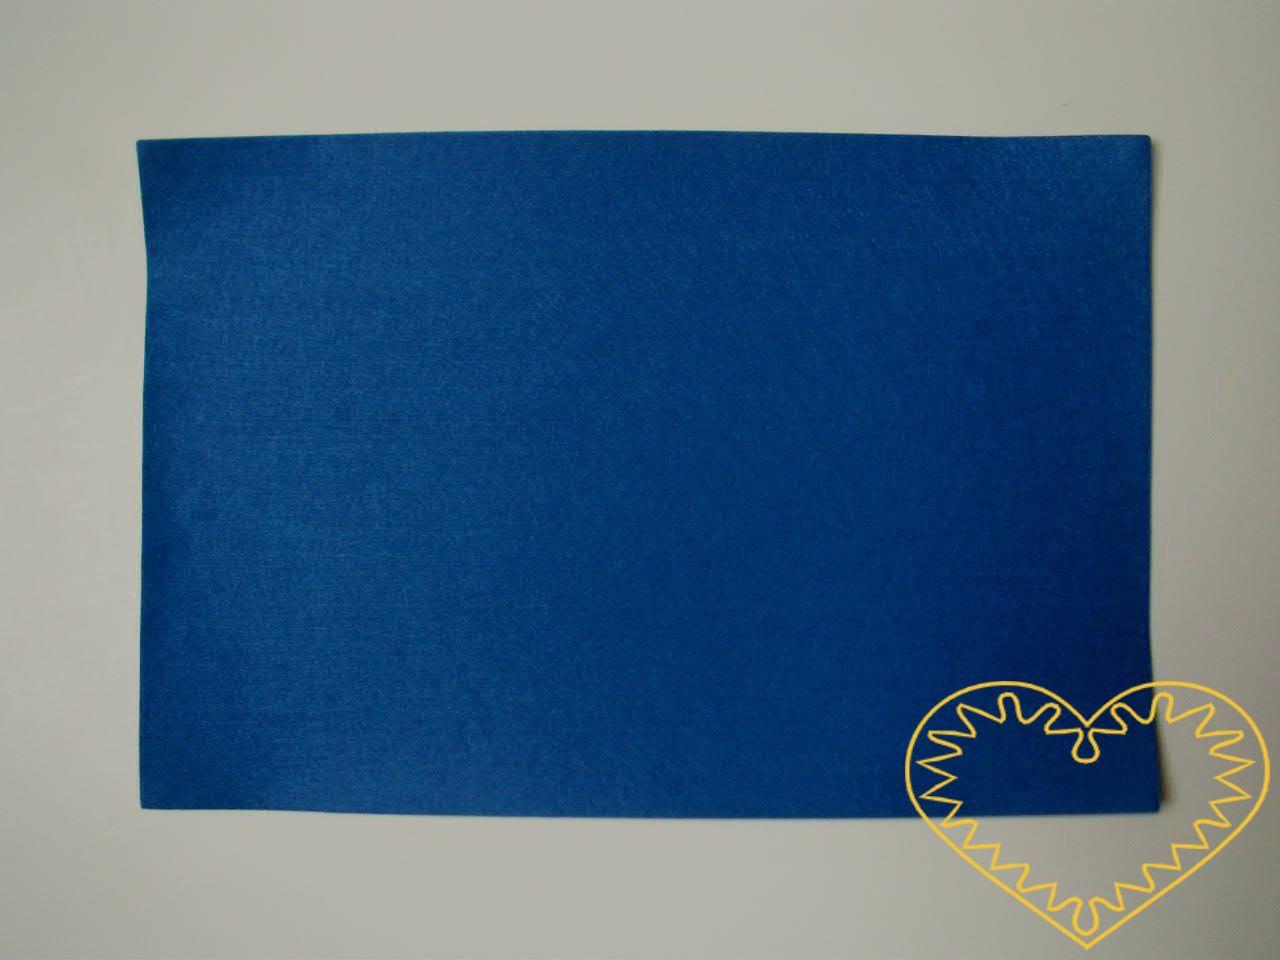 Modrá samolepící plsť - rozměr 30 x 20 cm. Výborný materiál pro tvoření, můžete přilepit na papír, buničinu, dřevo, sklo, plast ad.. Z plsti vystřihnete Vámi požadovaný tvar, poté na zadní straně sejmete ochranou fólii a plsť přiložíte zadní stranou